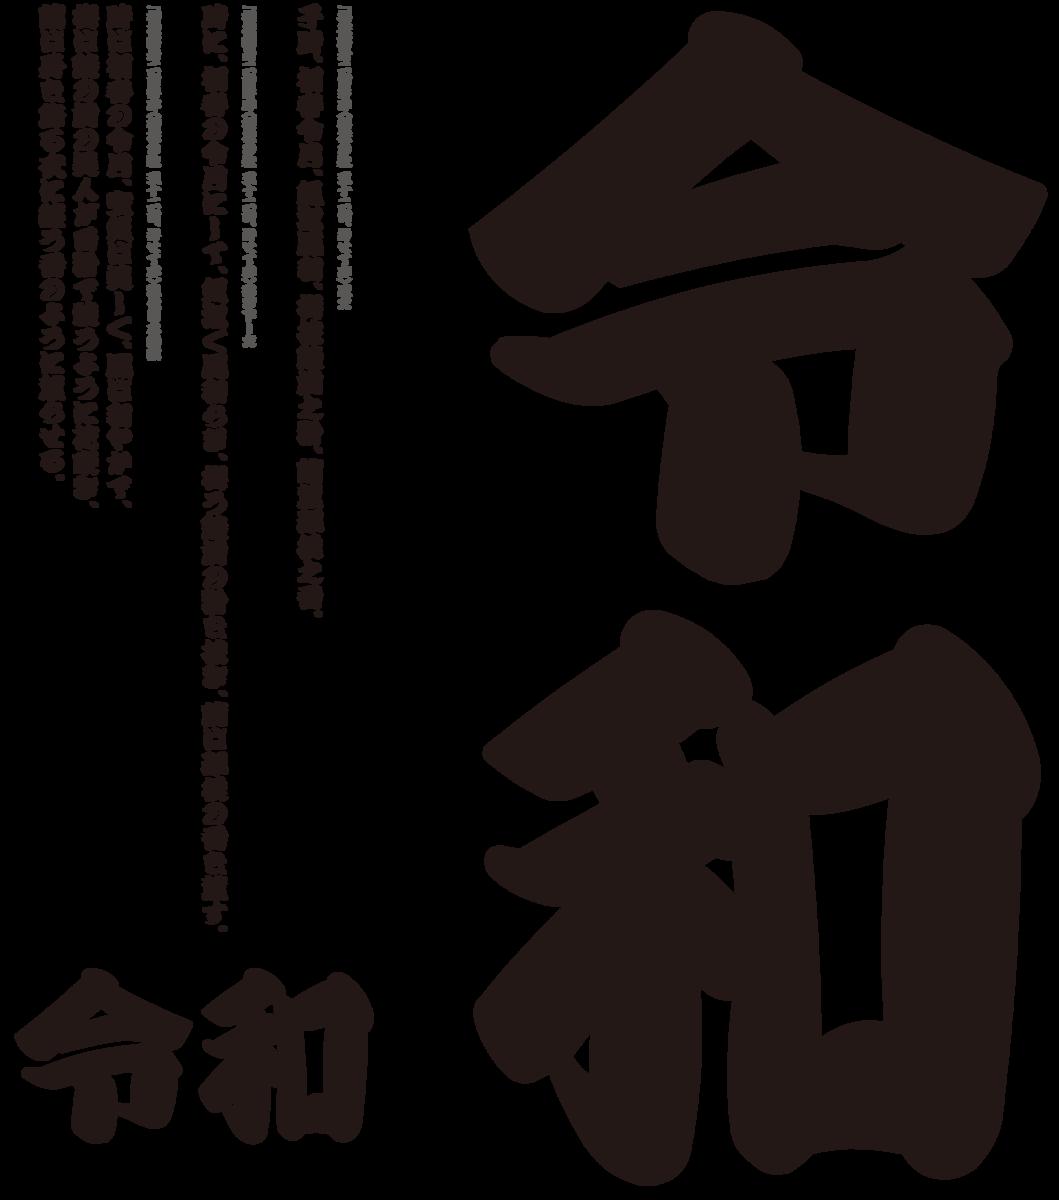 f:id:mojiru:20190507110720p:plain